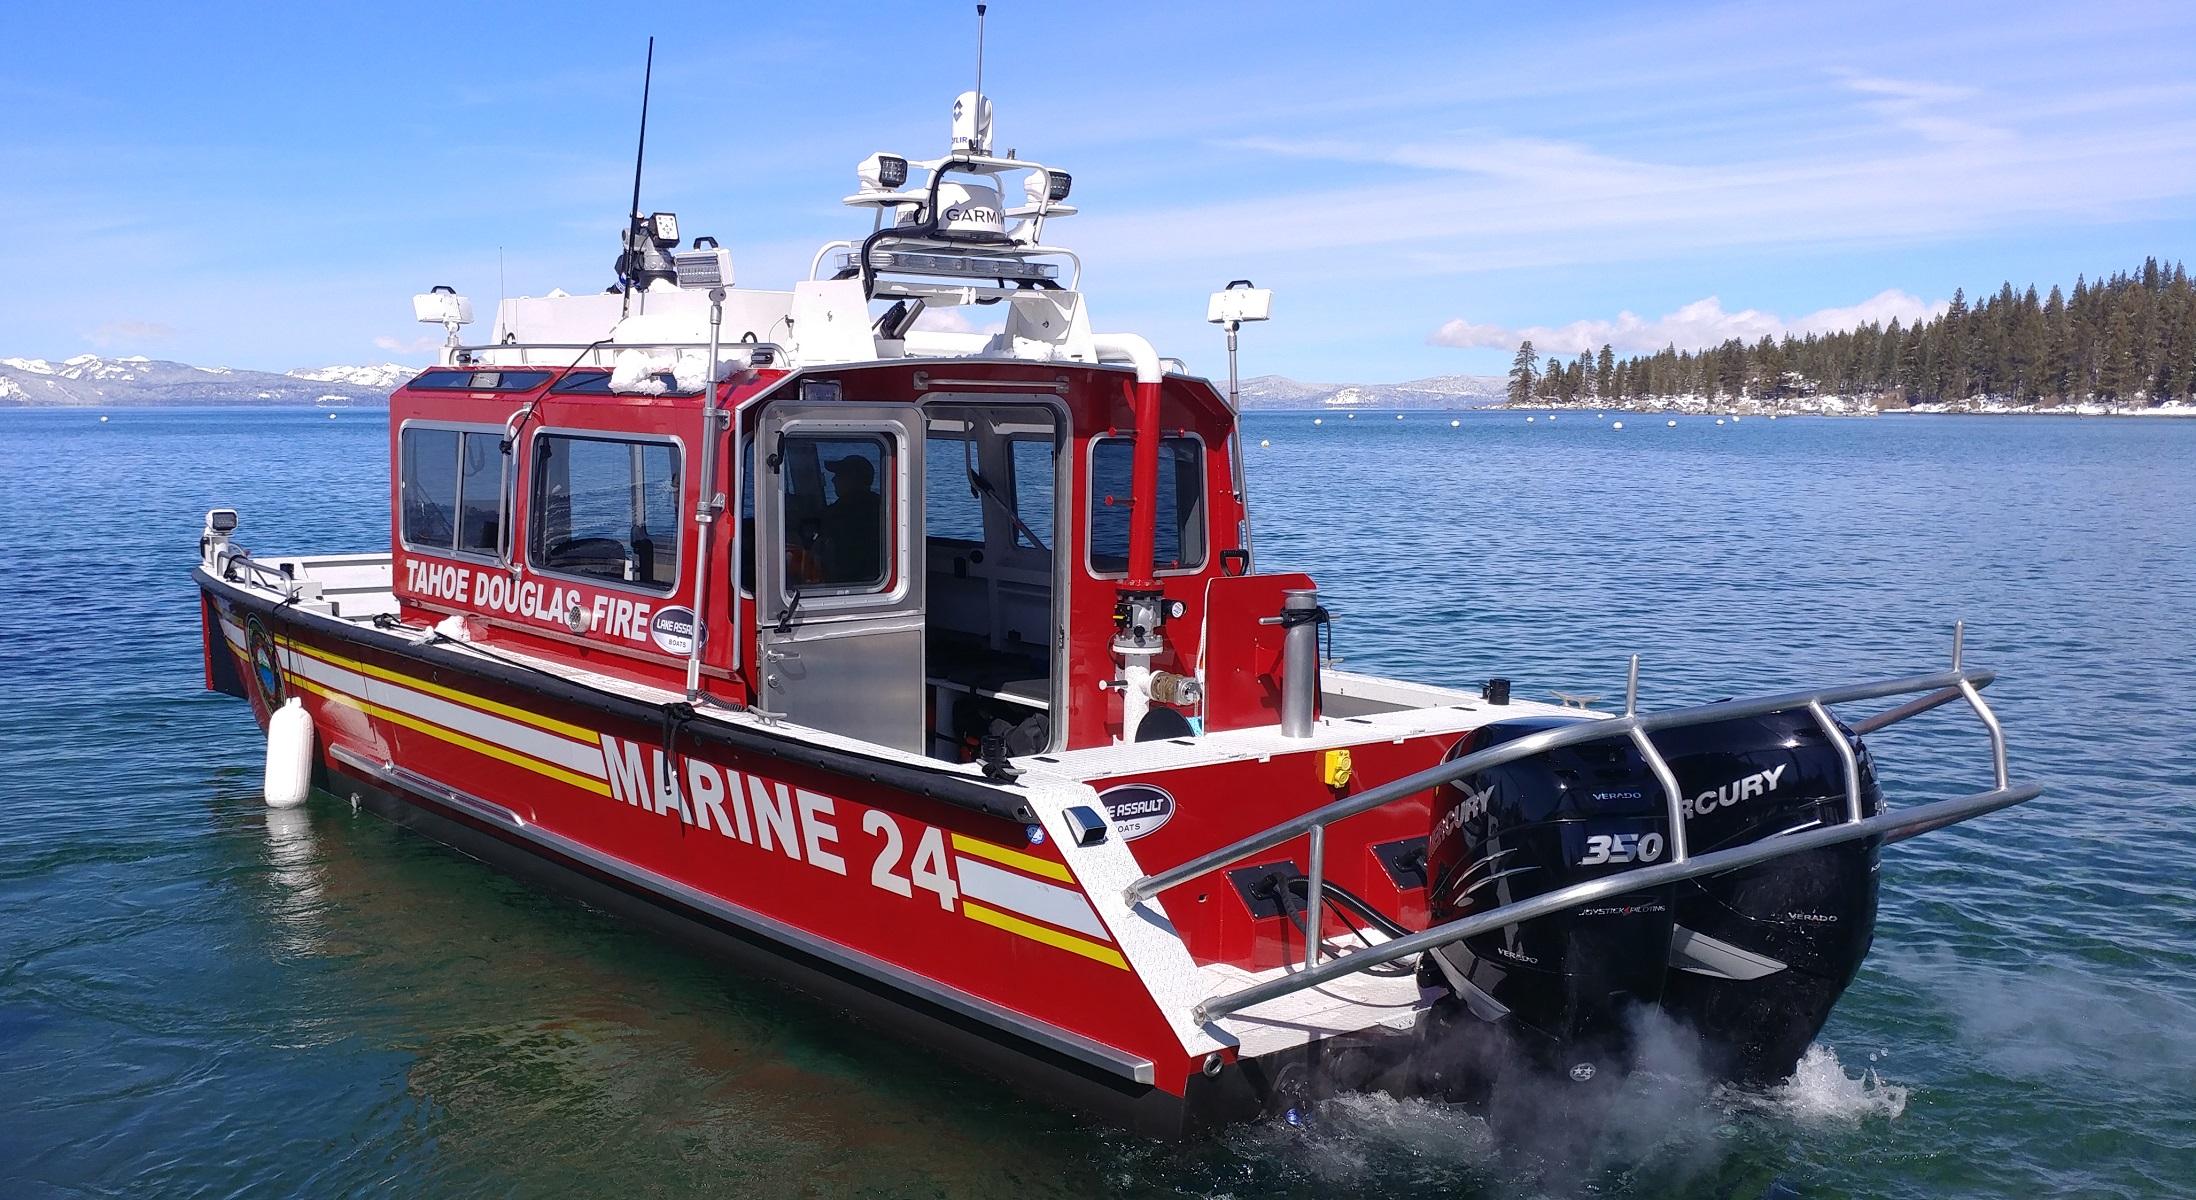 Marine 24